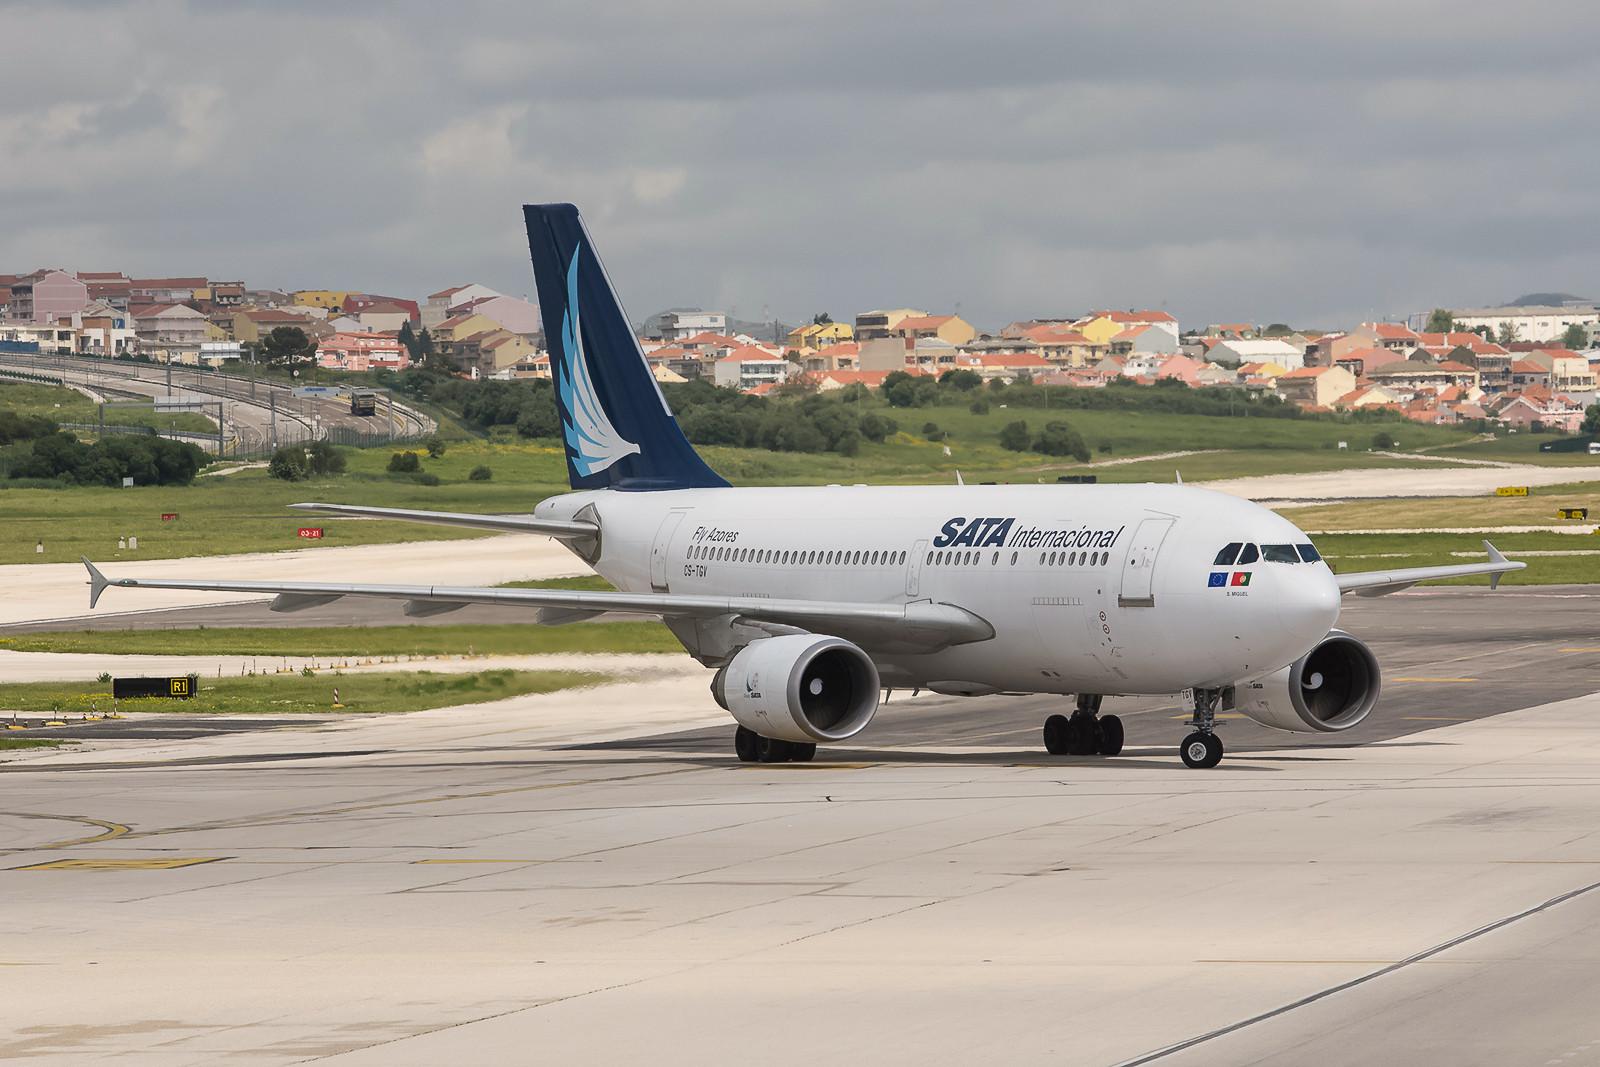 SATA von den Azoren hat noch einige Airbusse A310 im Dienst. Es sind Europas letzte Passagiermaschinen dieses Typs.